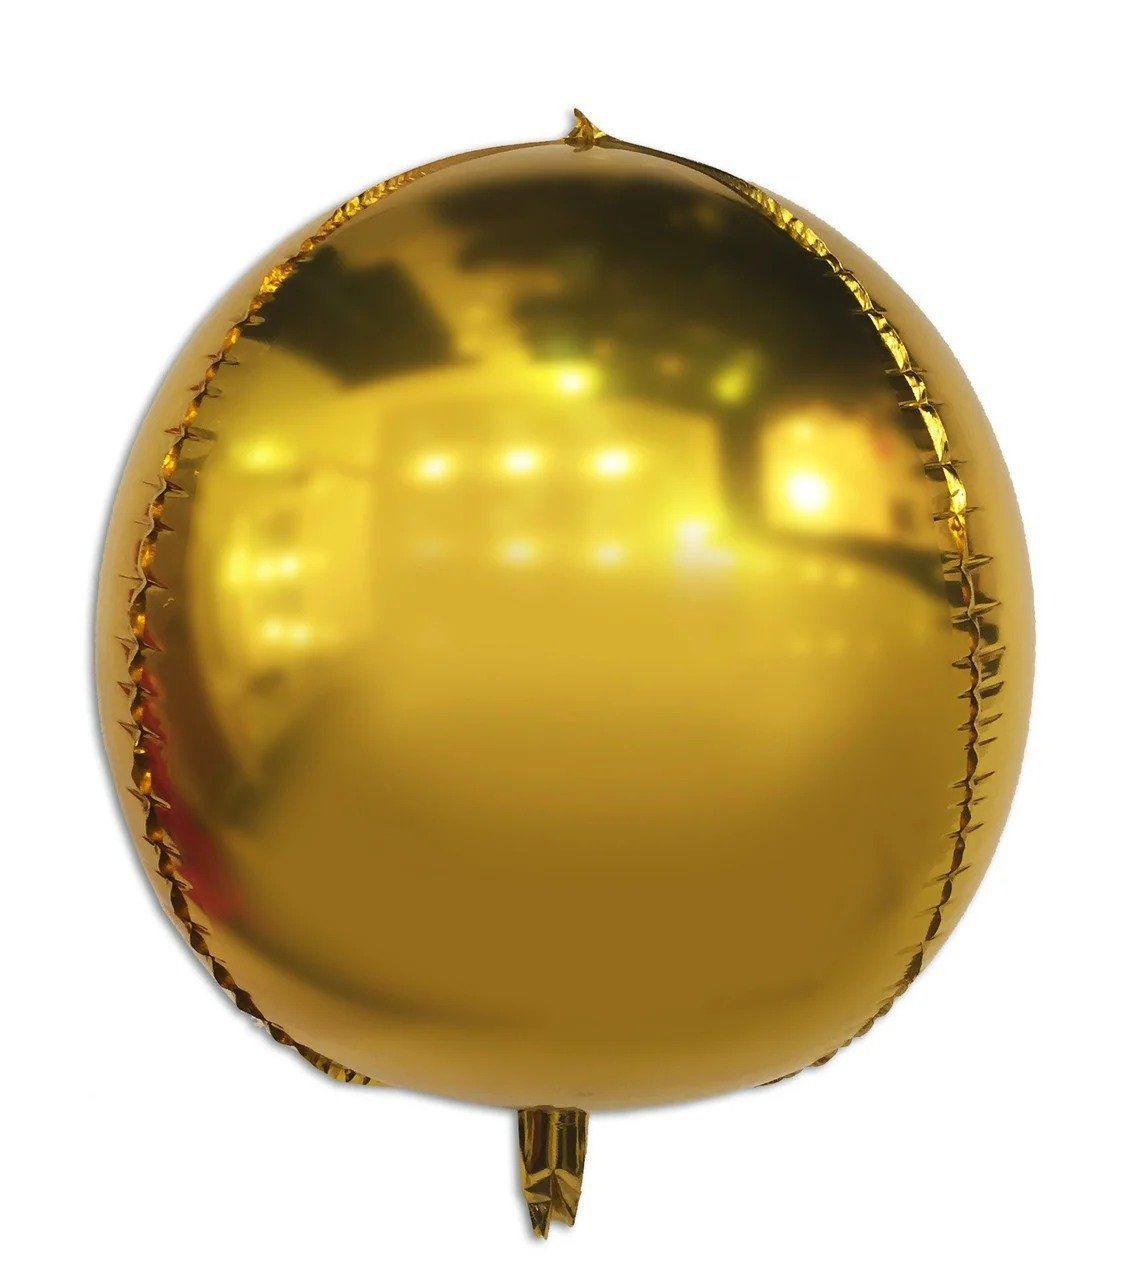 первой победы фото золотая сфера анимация ступенчатой стрижки